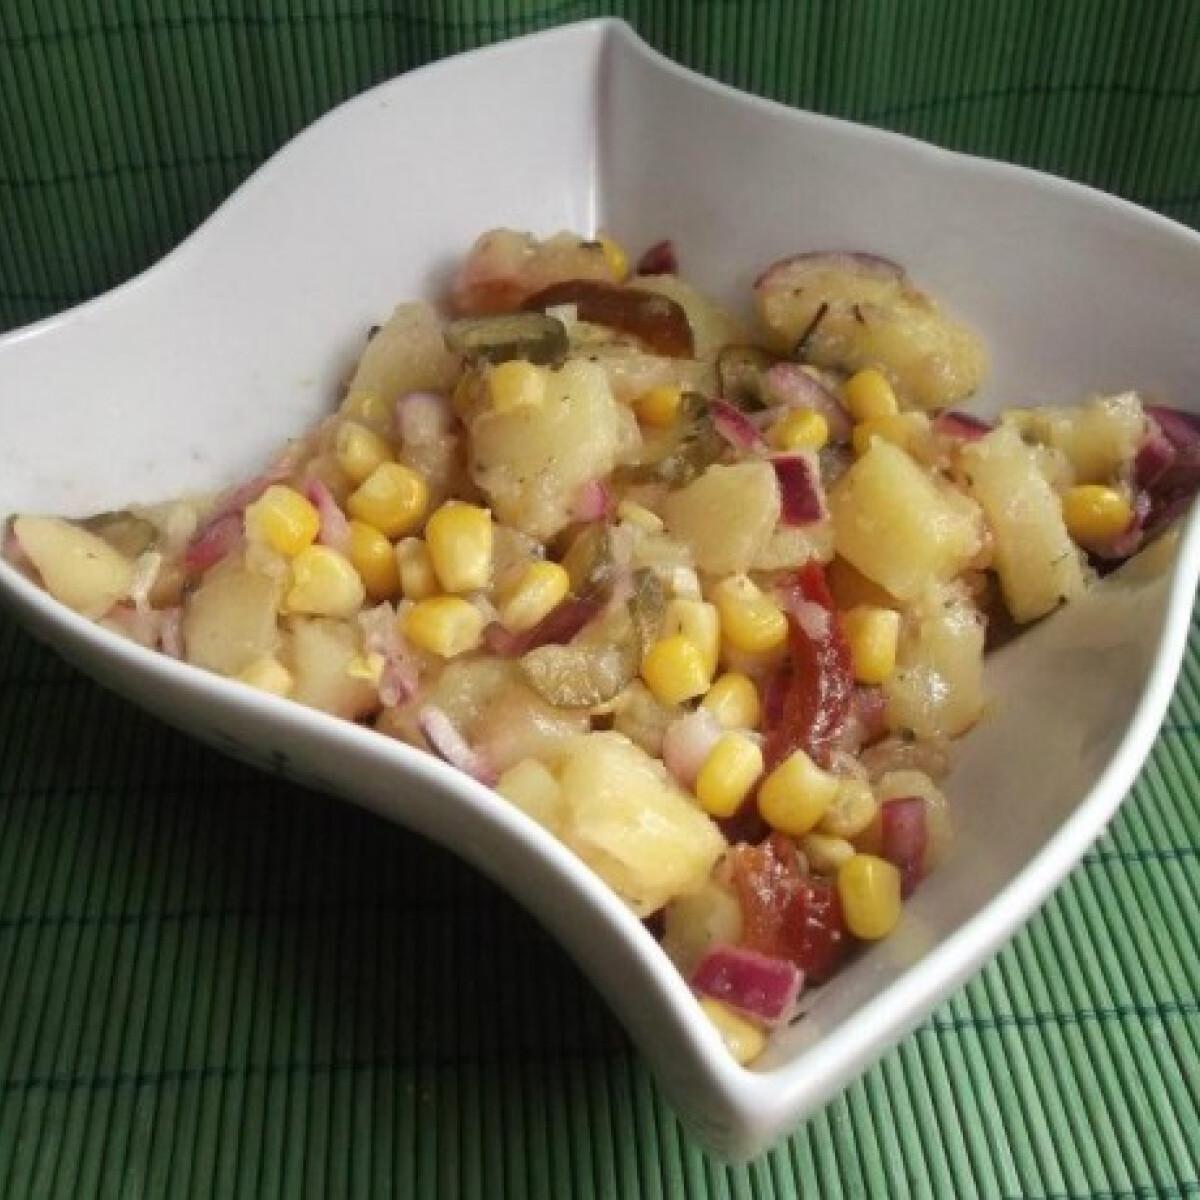 Zöldséges krumplisaláta